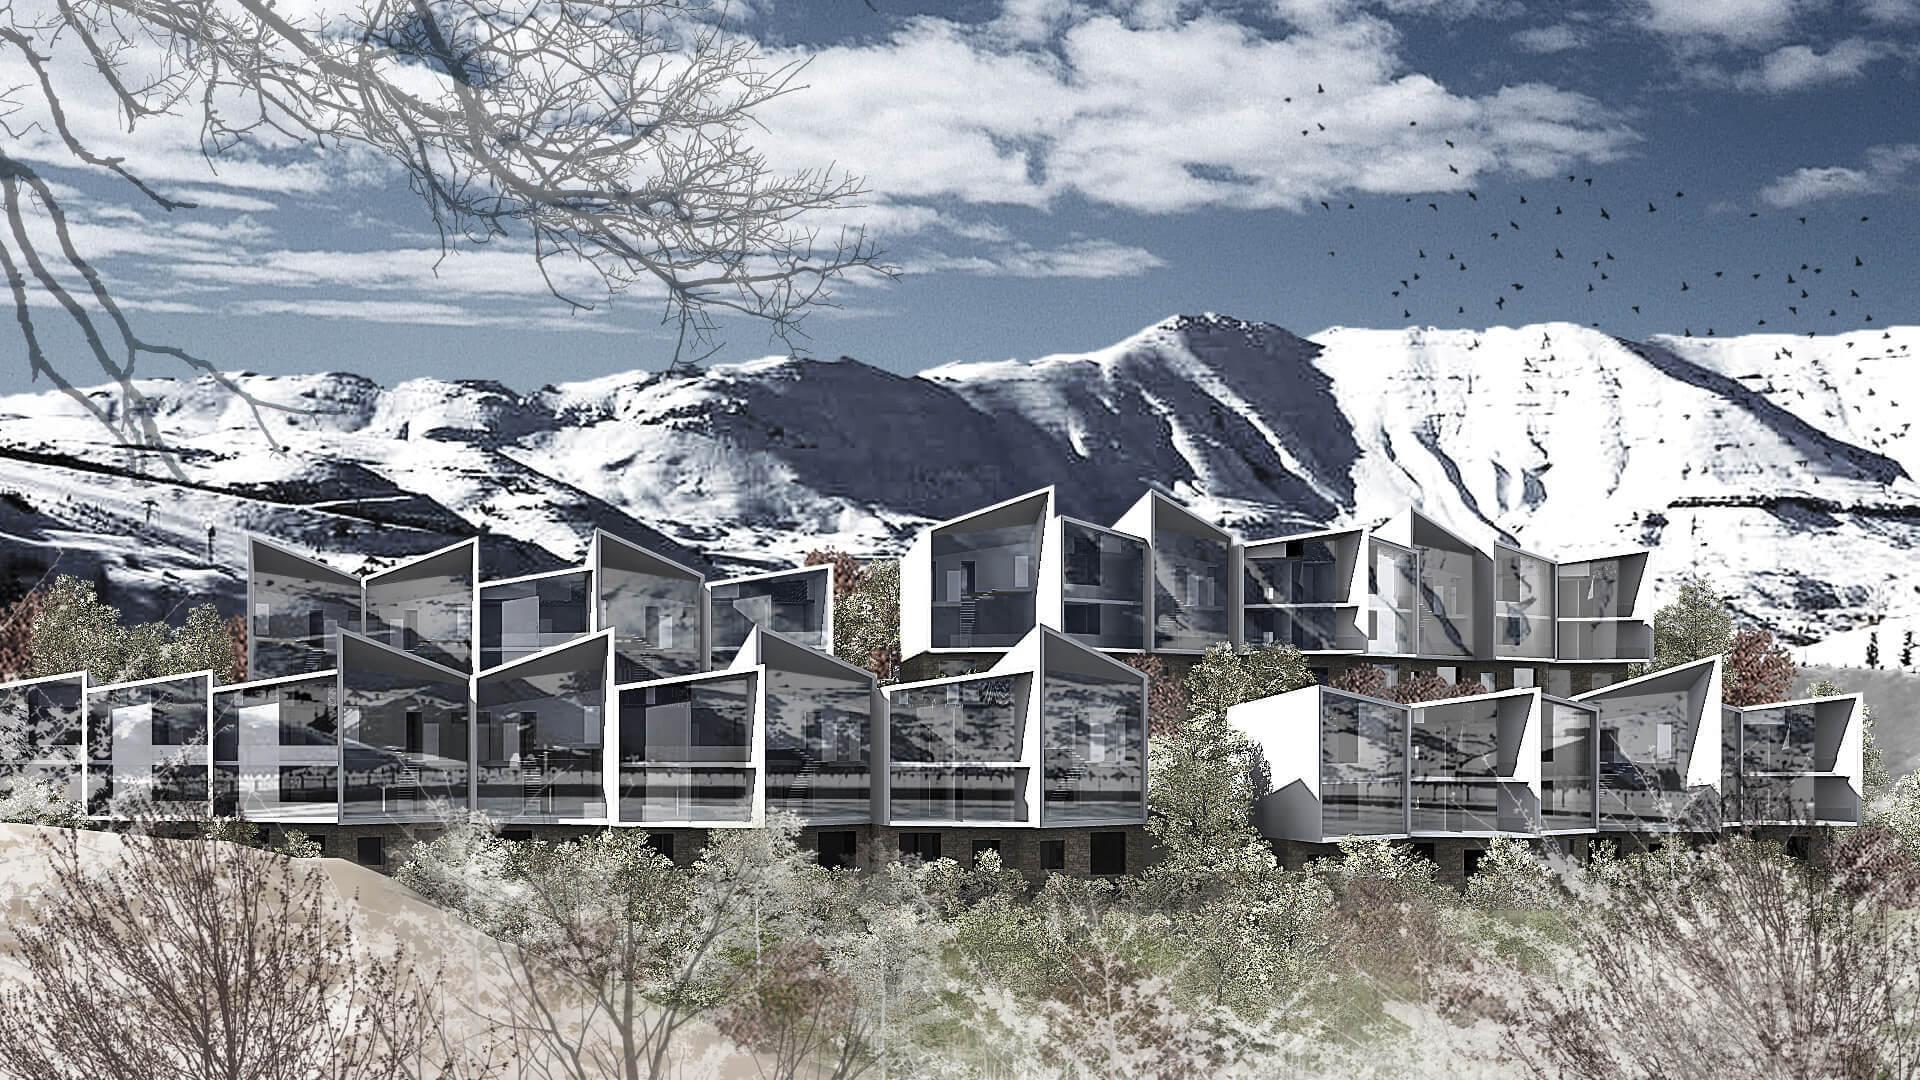 Z 5596 chalets compound rm architecture architectural for Architectural designs for chalets